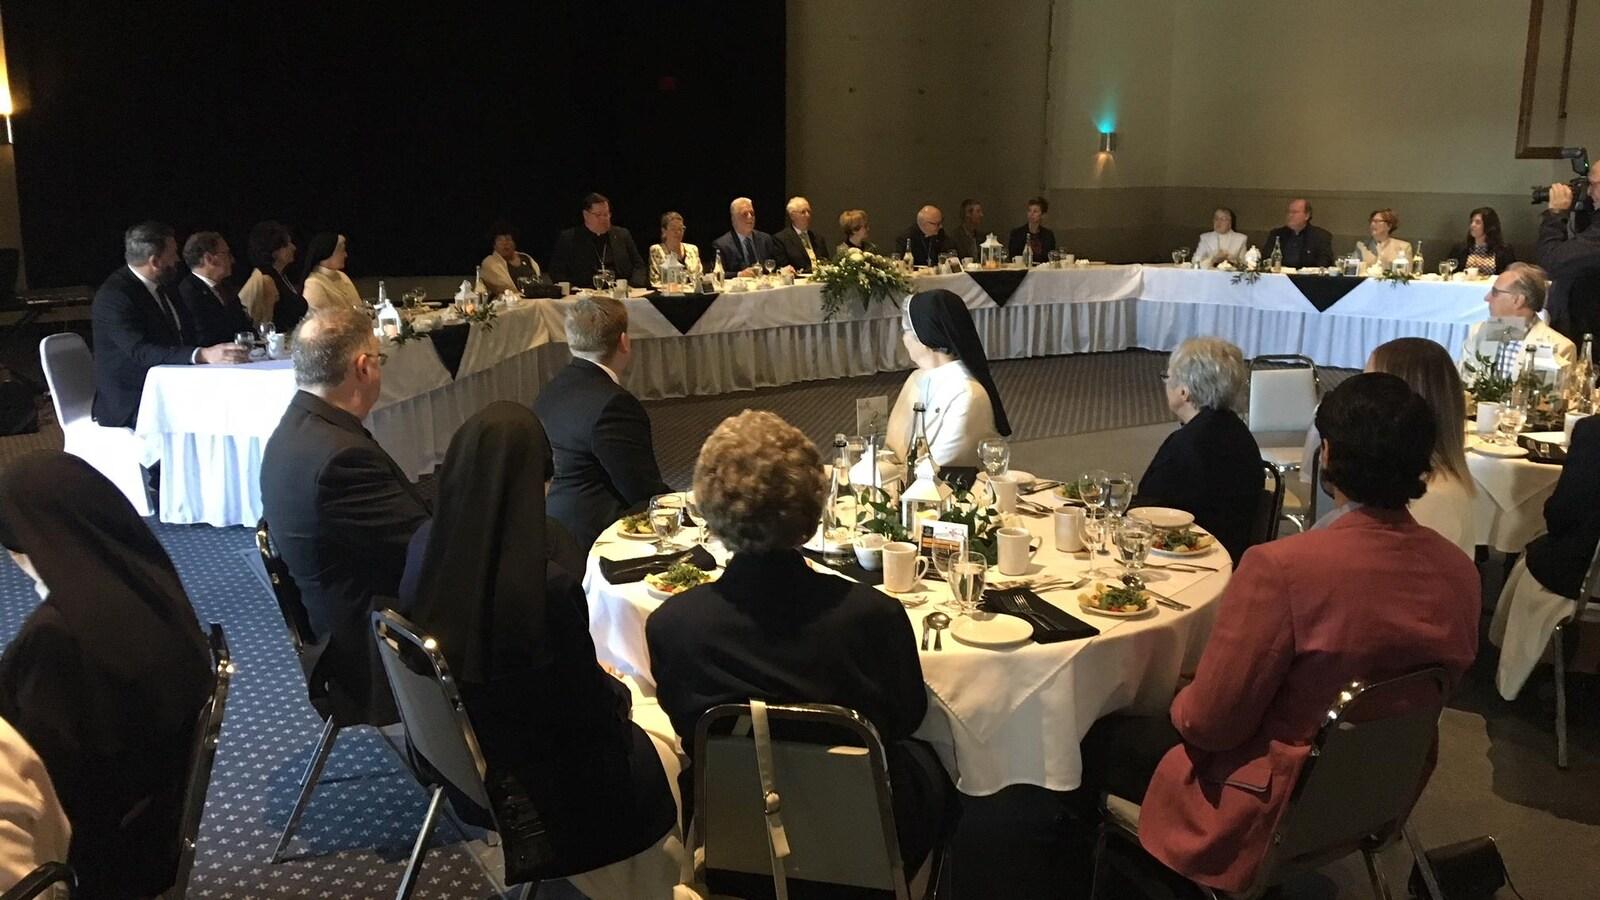 Des gens attablés devant une table d'honneur regroupant les dignitaires invités.